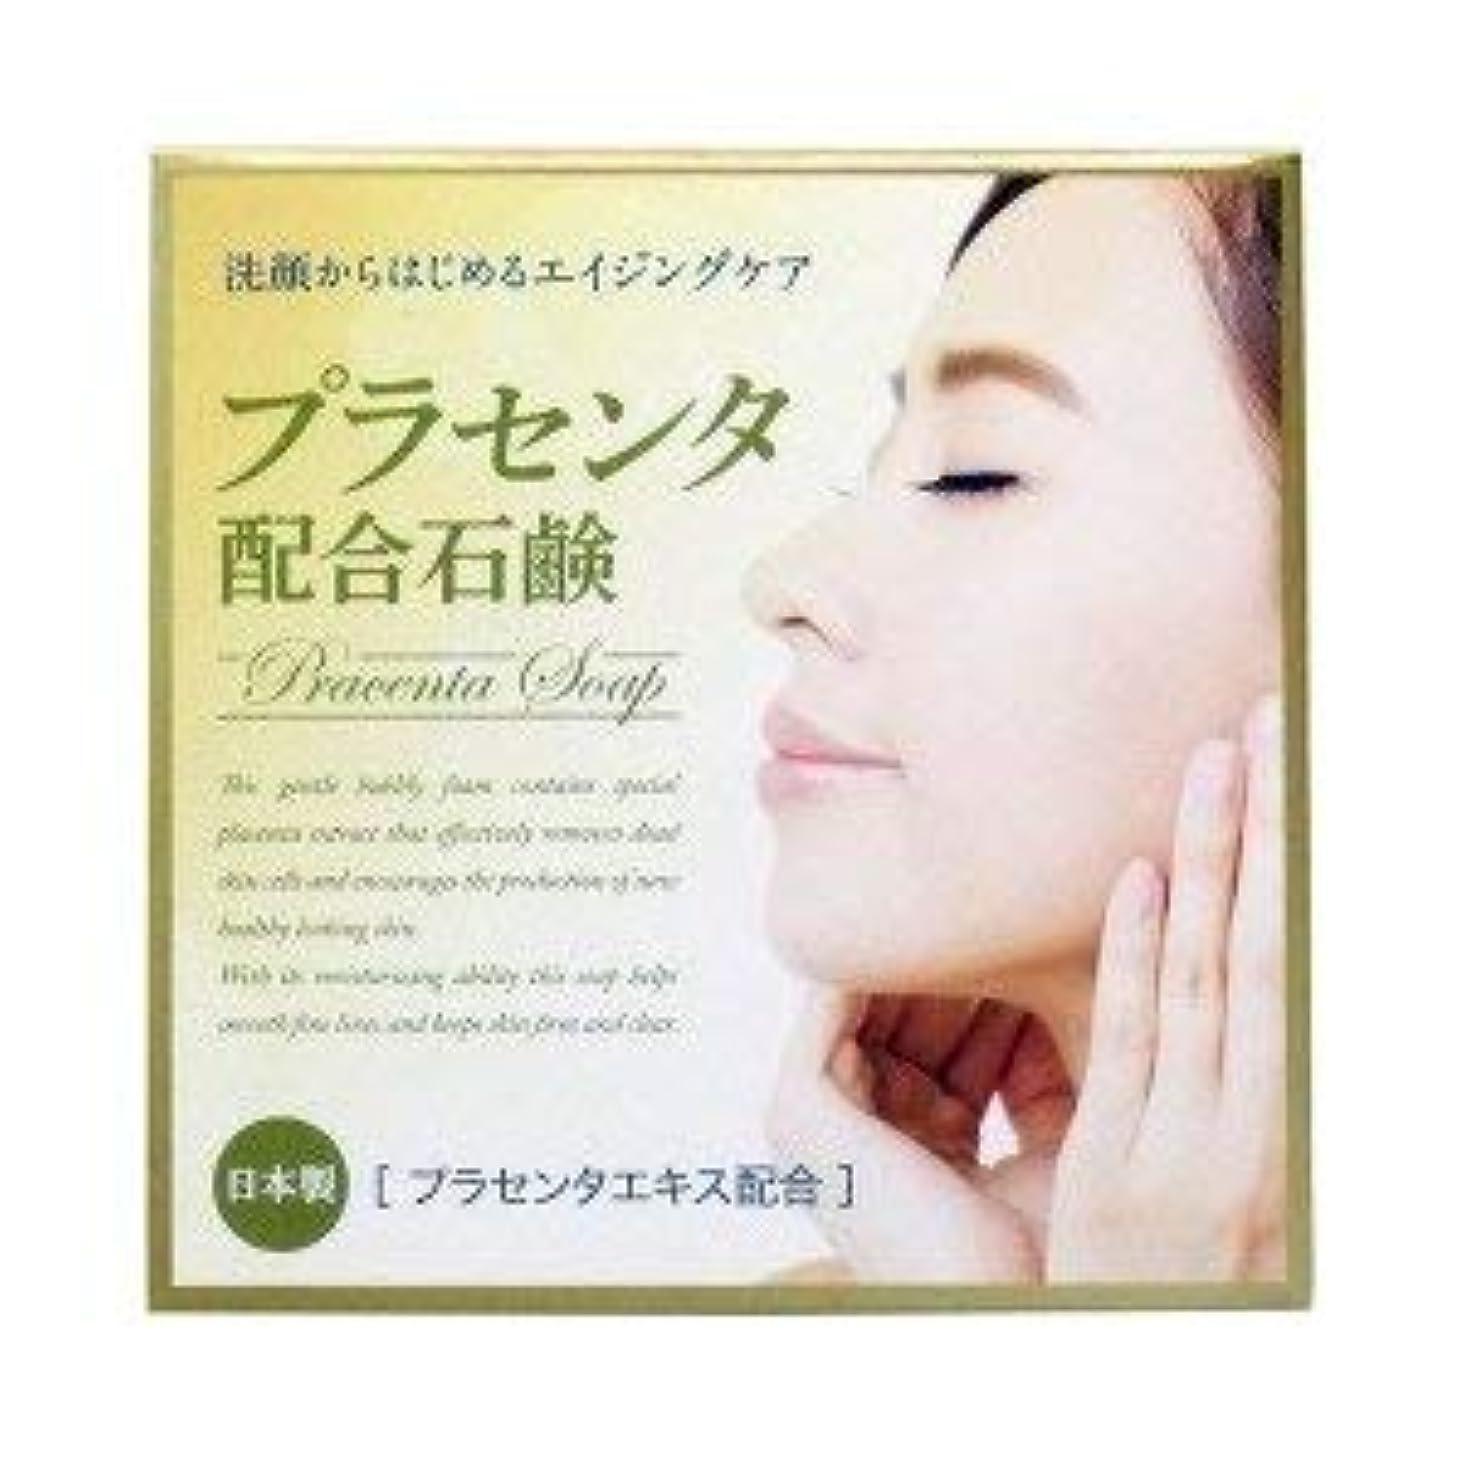 学んだレイ休みプラセンタ配合石鹸 80g×2 2個1セット プラセンタエキス保湿成分配合 日本製